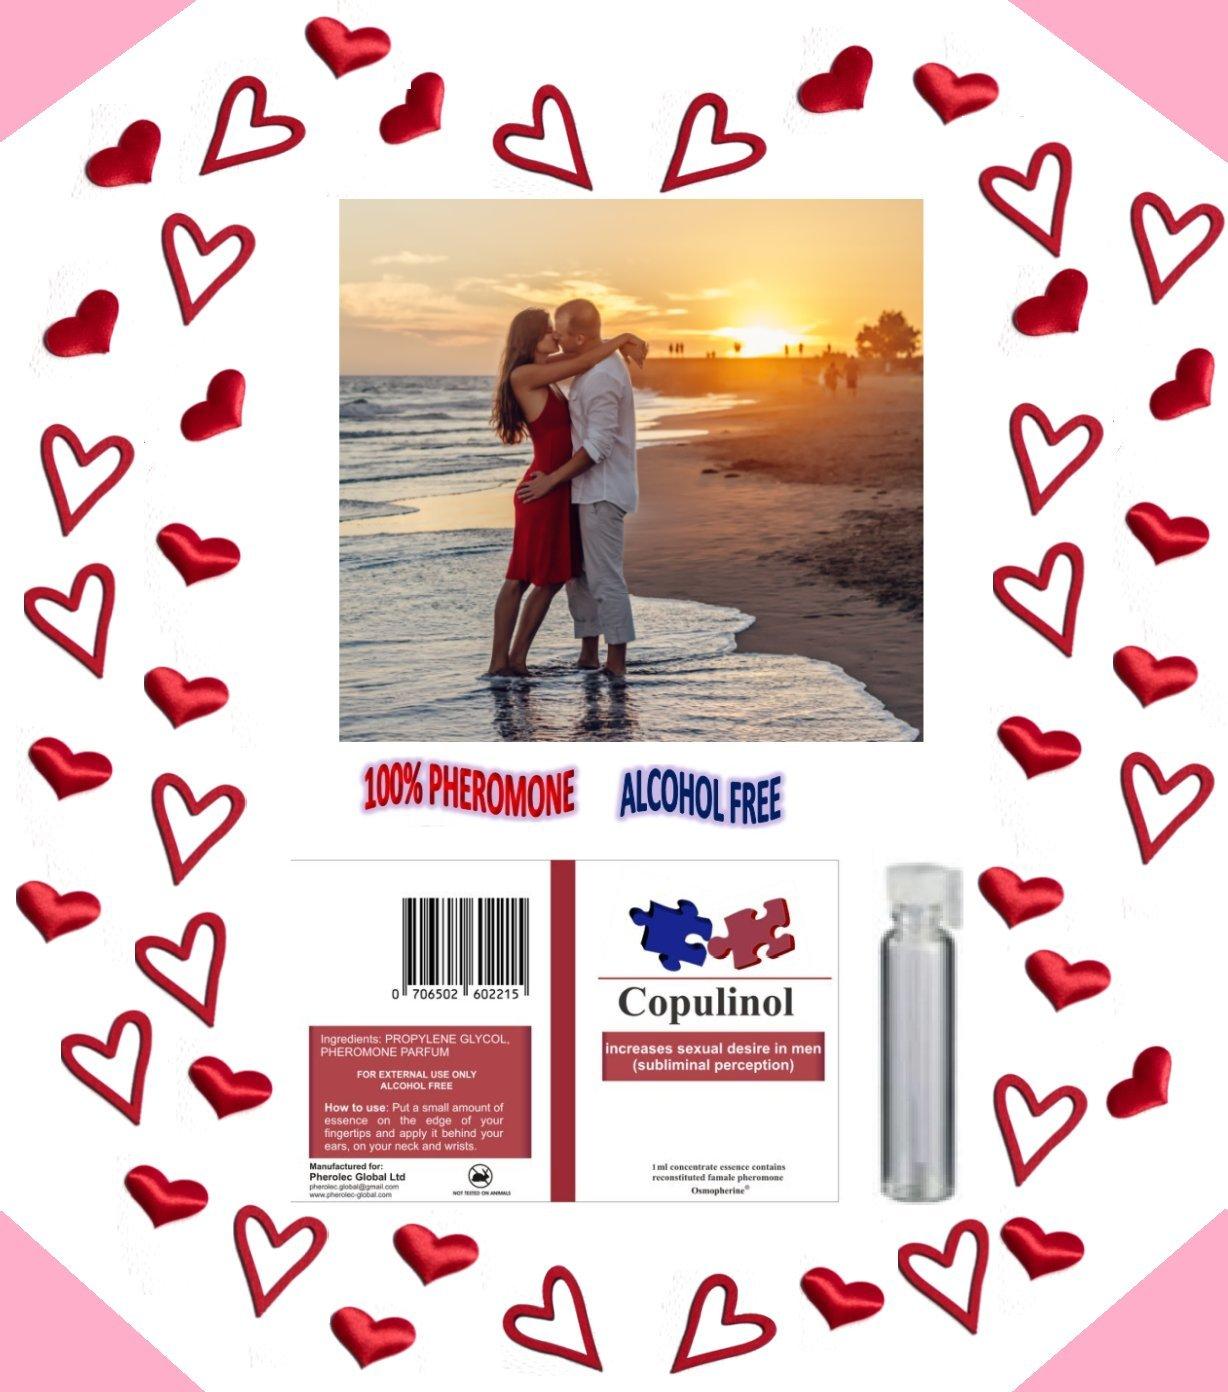 Best Pheromones COPULINOL 1ml 100% for Women Attract Men Infused Sex for Her Pherolec Global Ltd